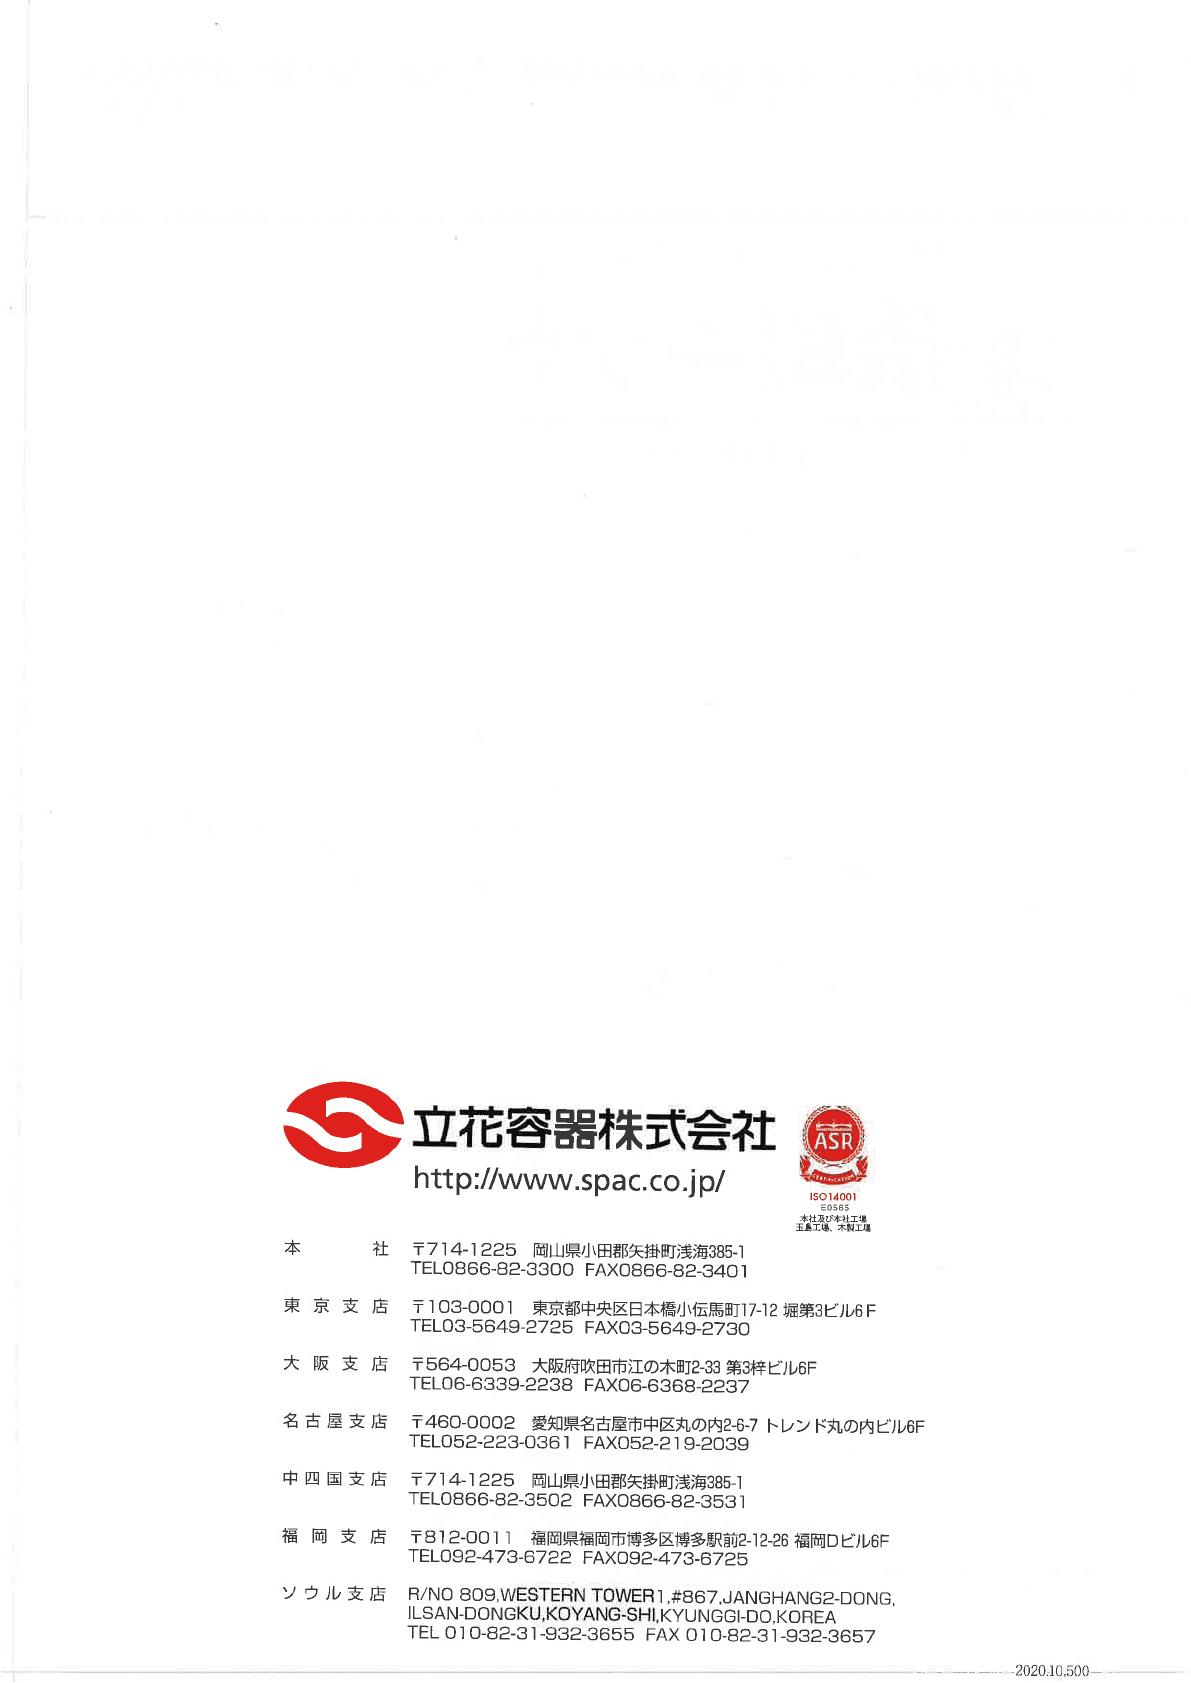 立花容器株式会社